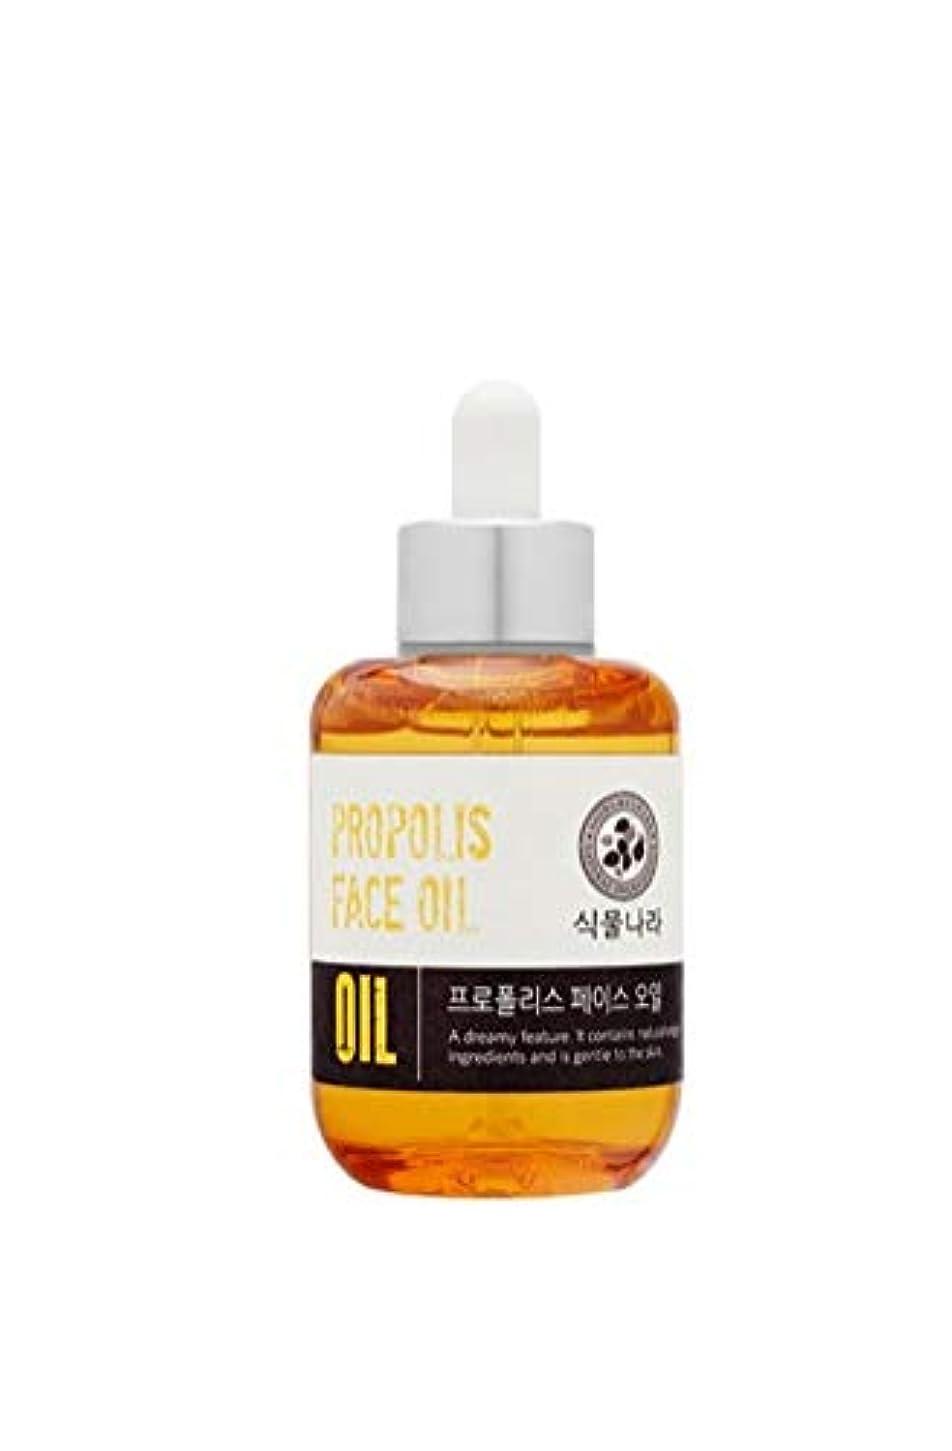 銀ニコチンまっすぐshingmulnara☆シンムルナラ プロポリス フェイス オイル55ml propolis face oil 55ml[並行輸入品]